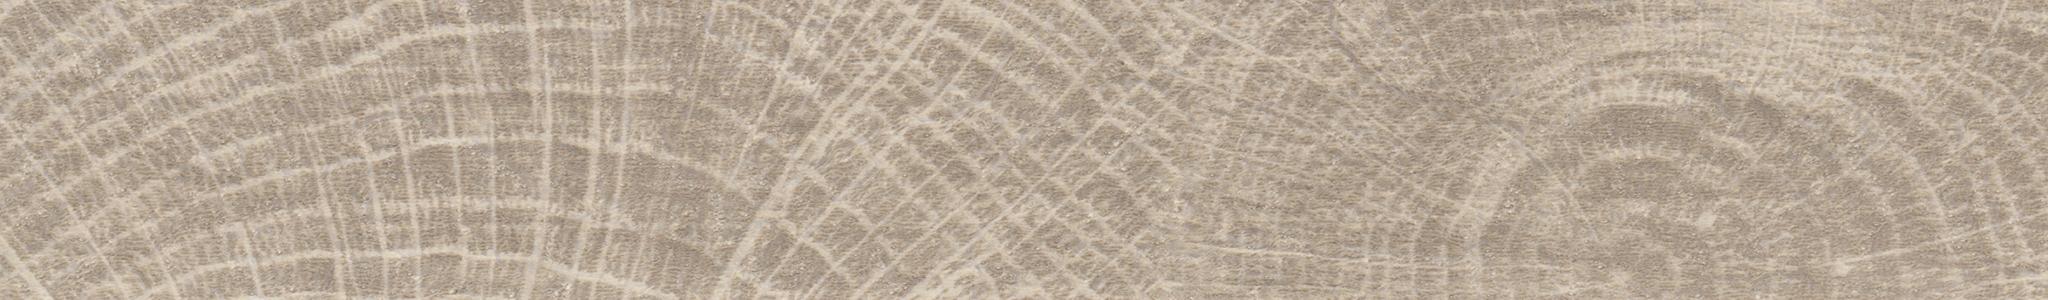 HD 244326 ABS hrana dub end-grain